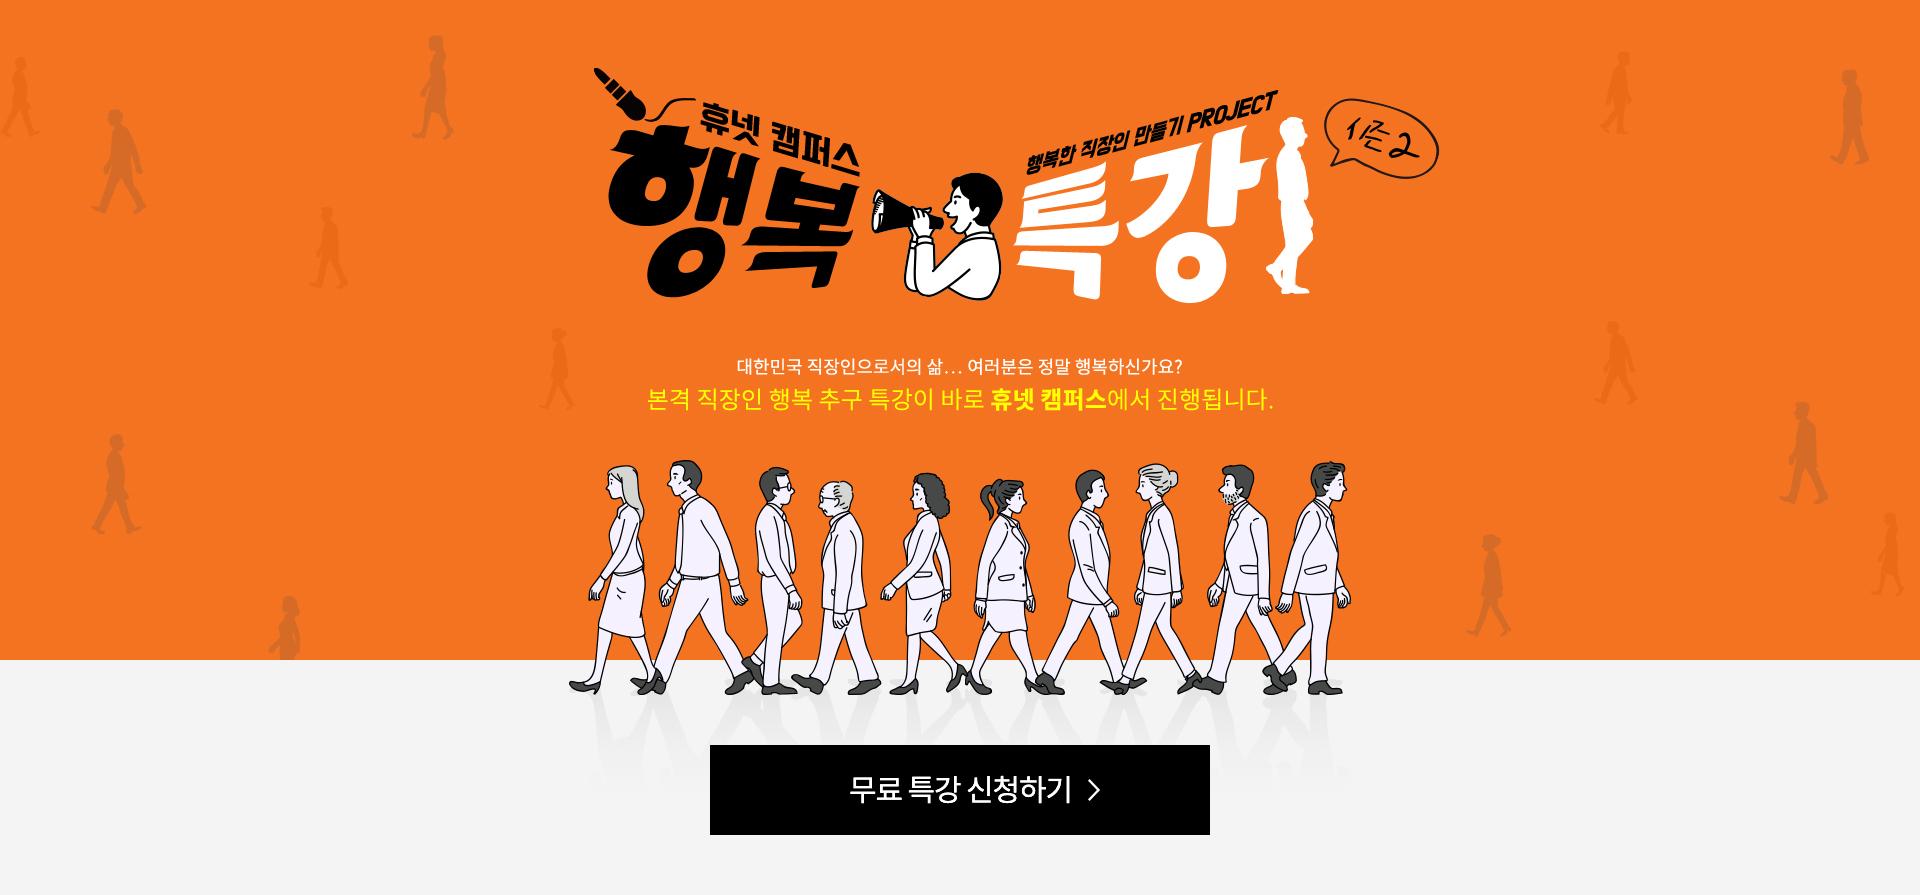 휴넷캠퍼스 행복특강 시즌2 - 행복한 직장인 만들기 프로젝트